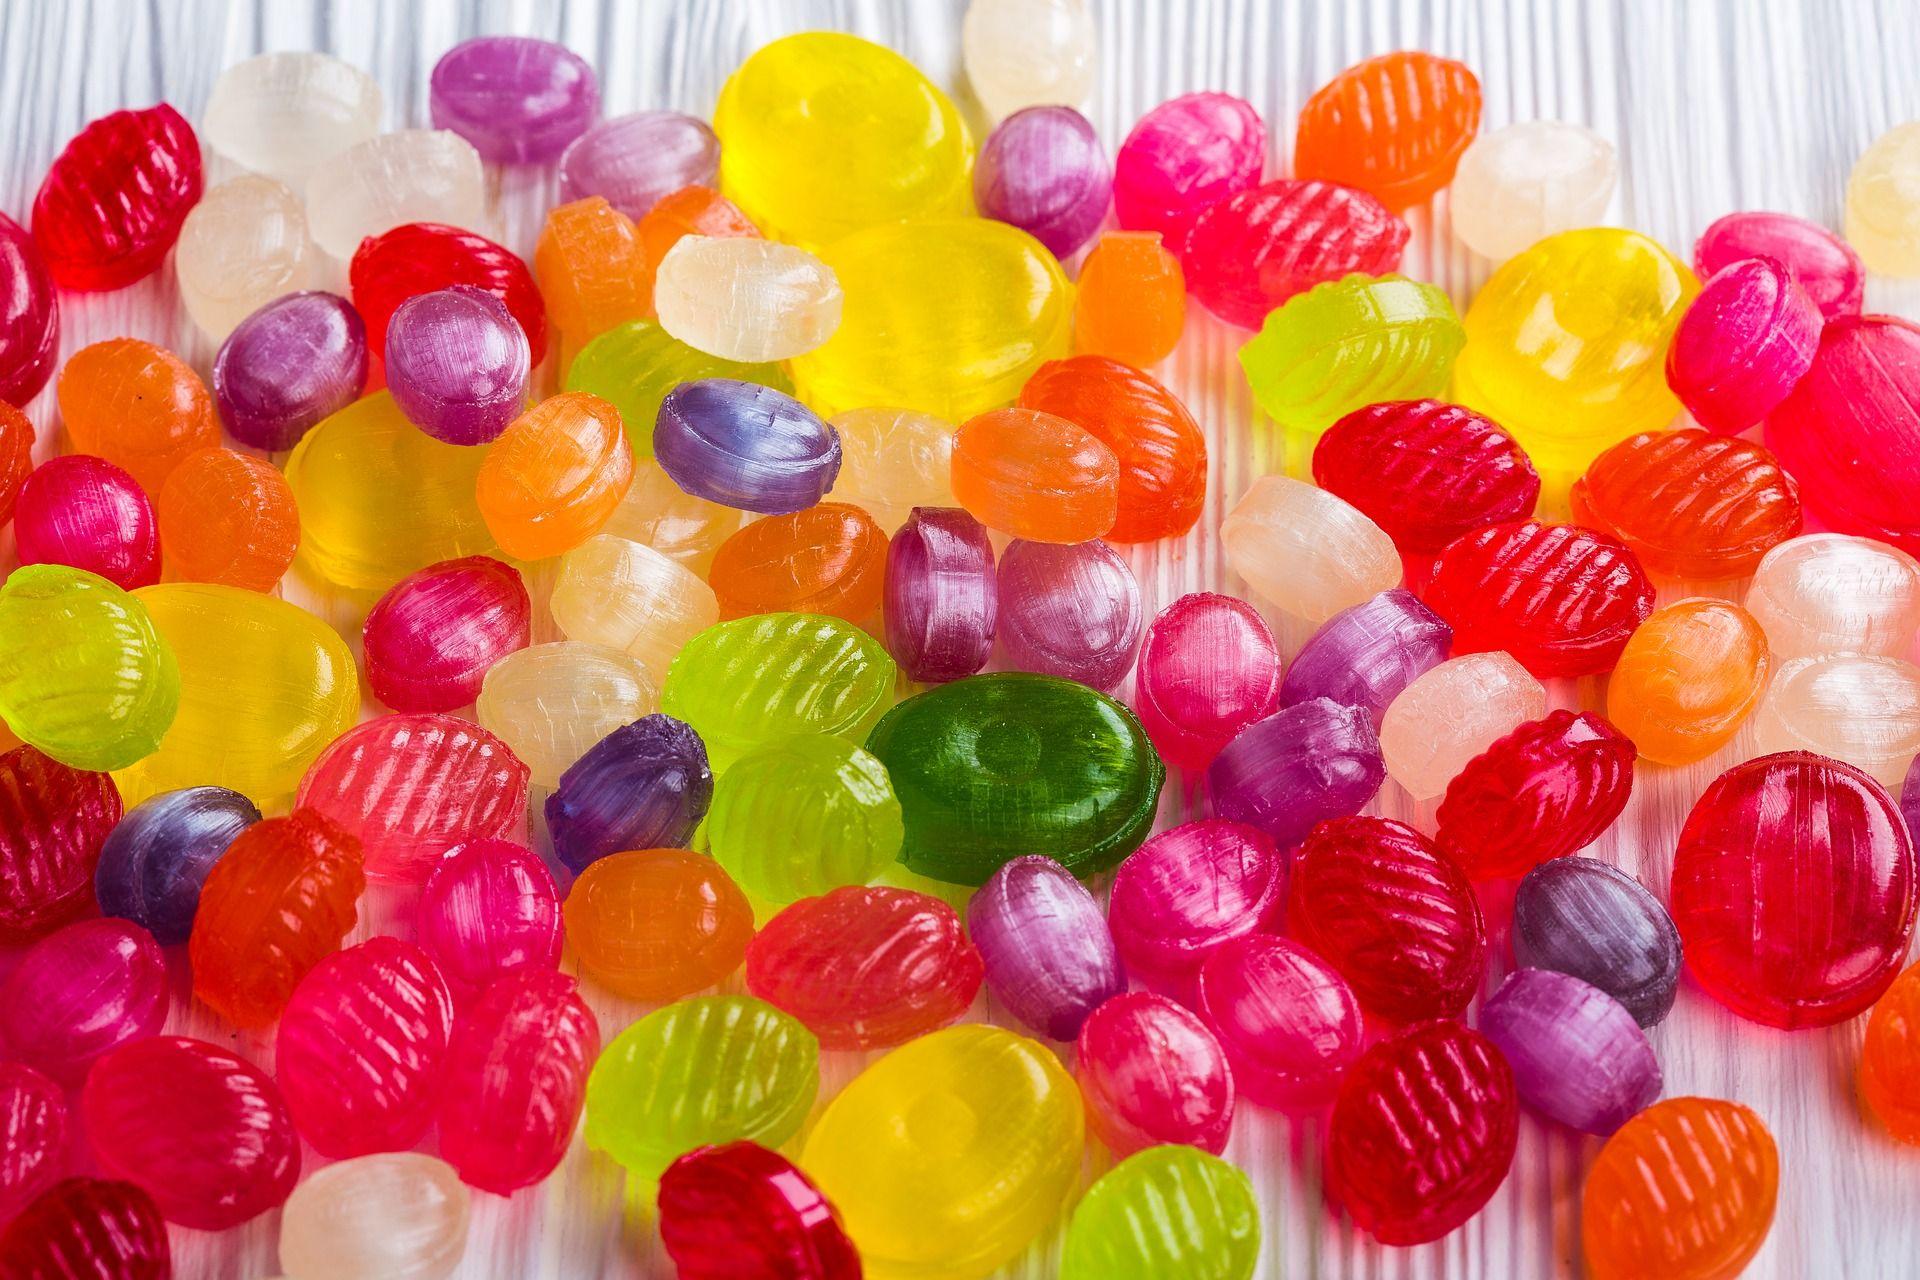 Caramelos: Tienda de golosinas de Dulcidante